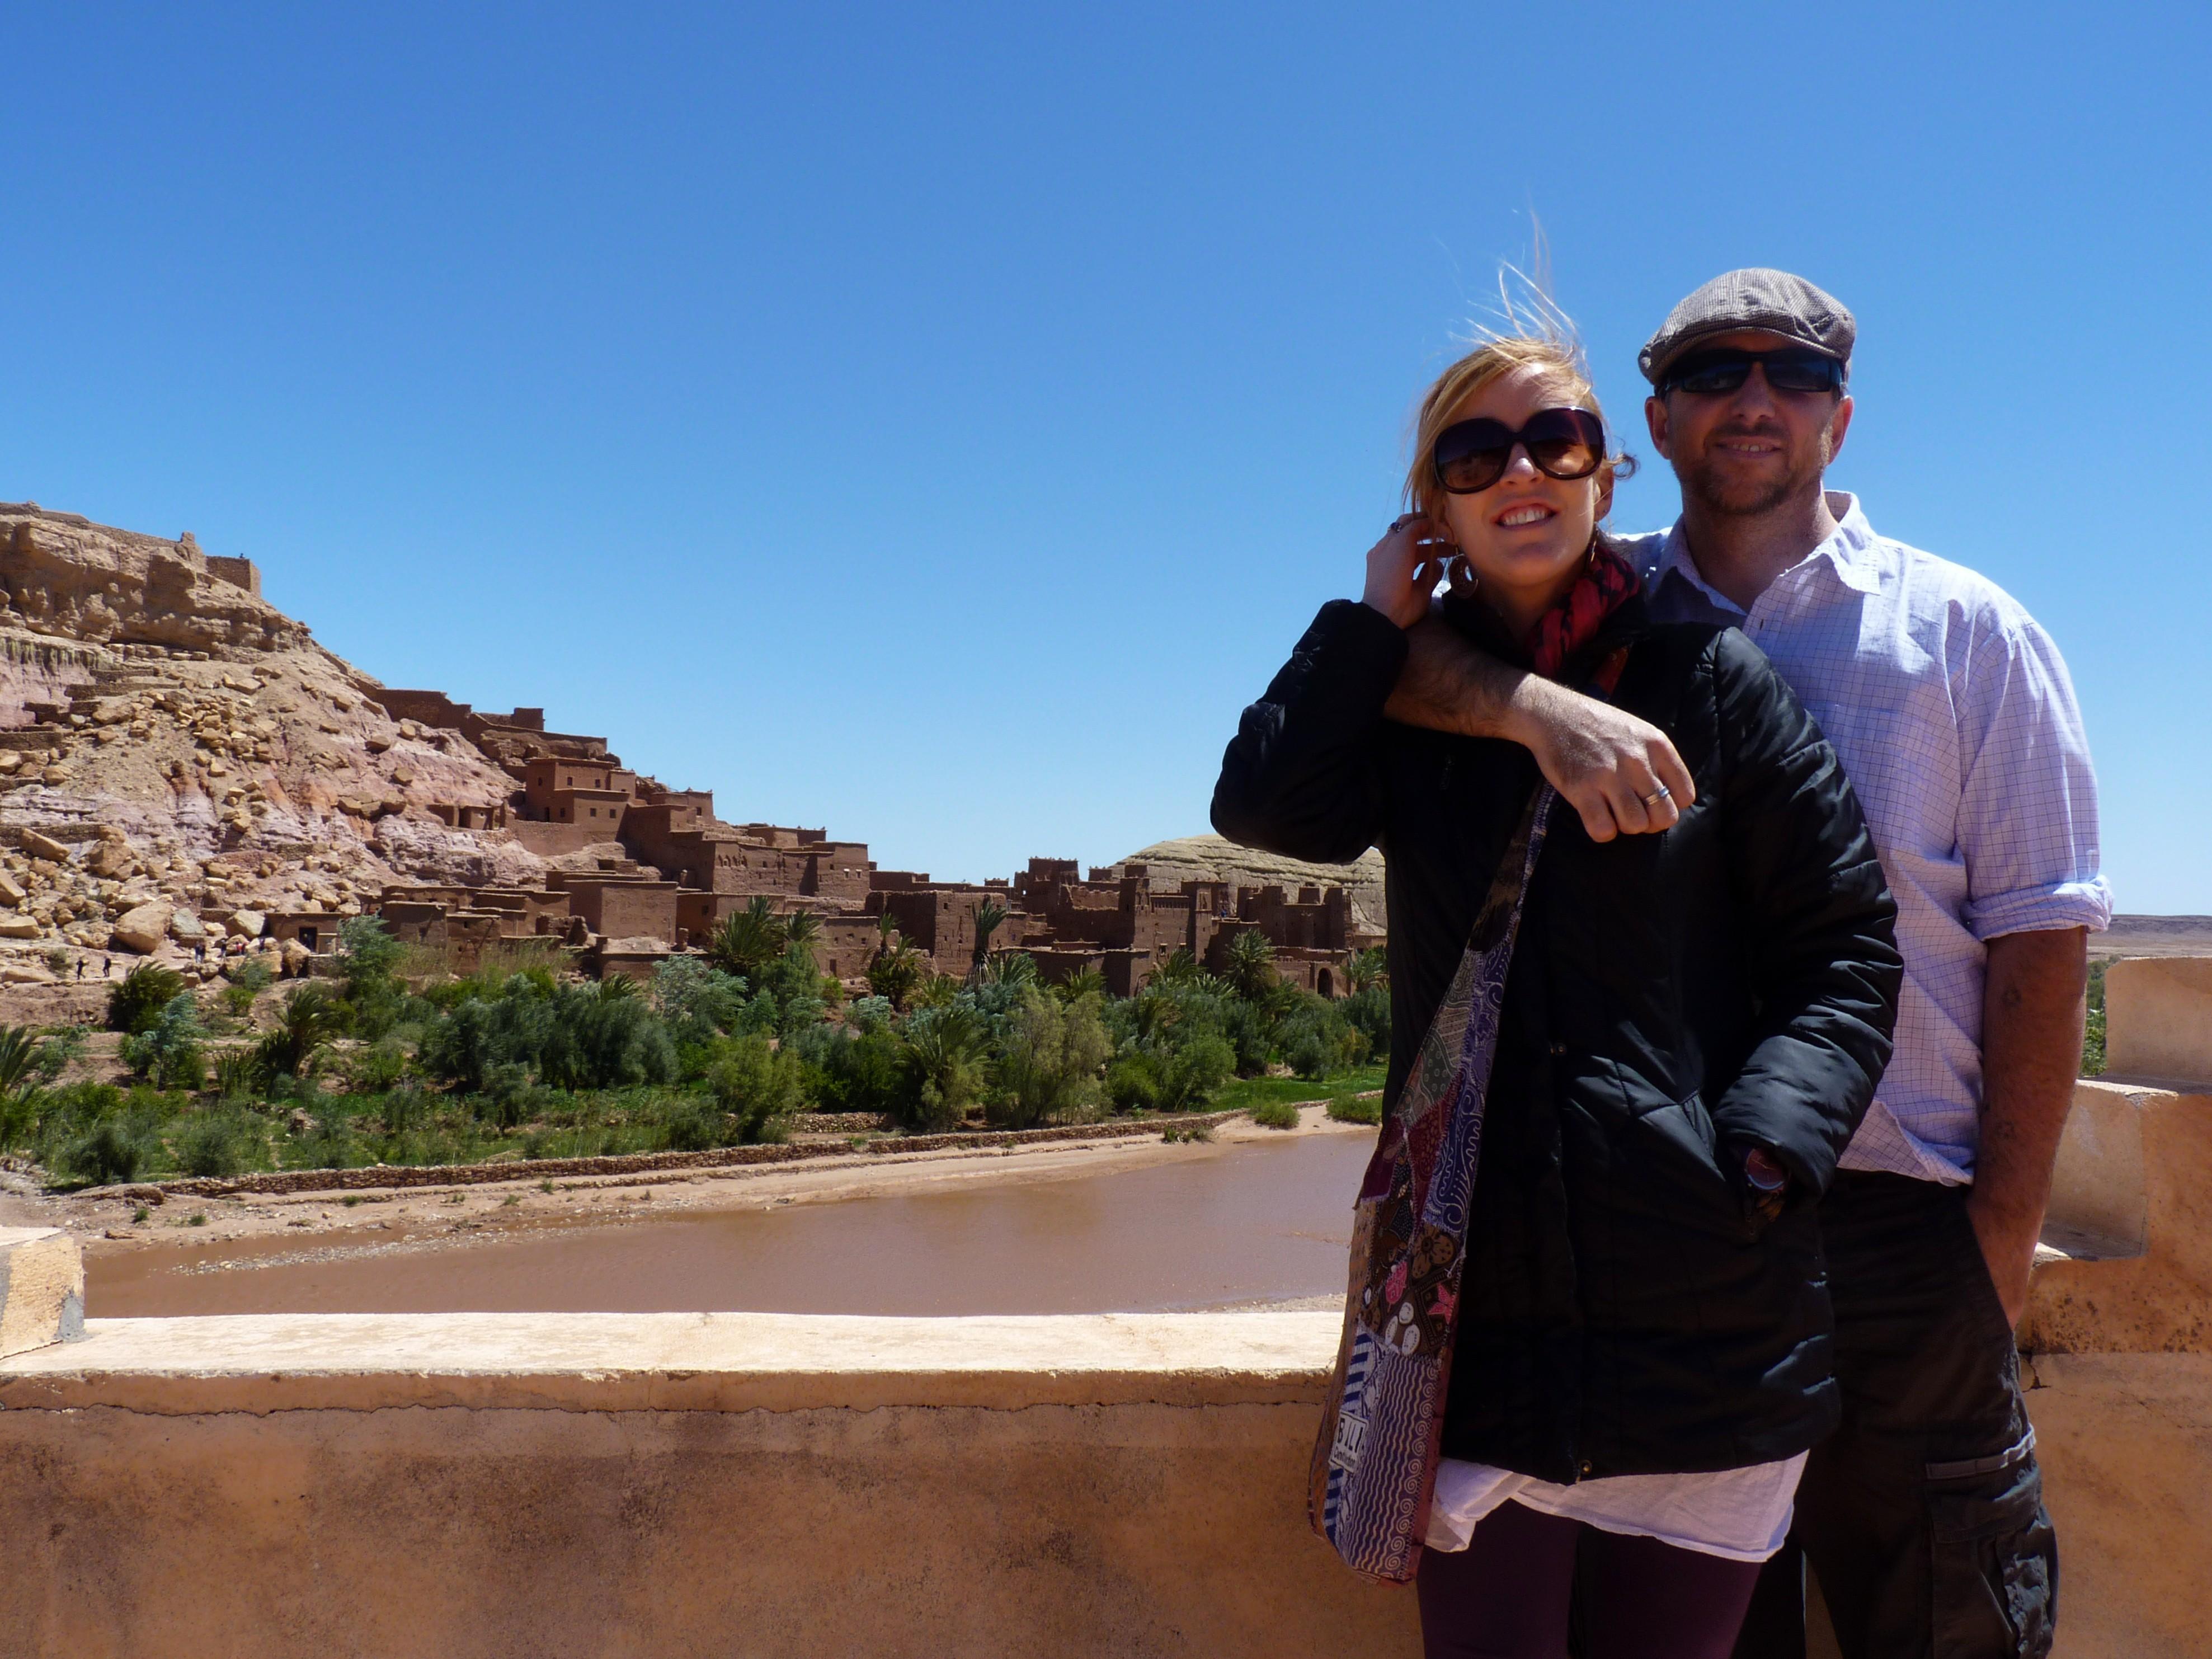 Ait-Ben-Haddou | Ounila Valley, Ouarzazate, Morocco